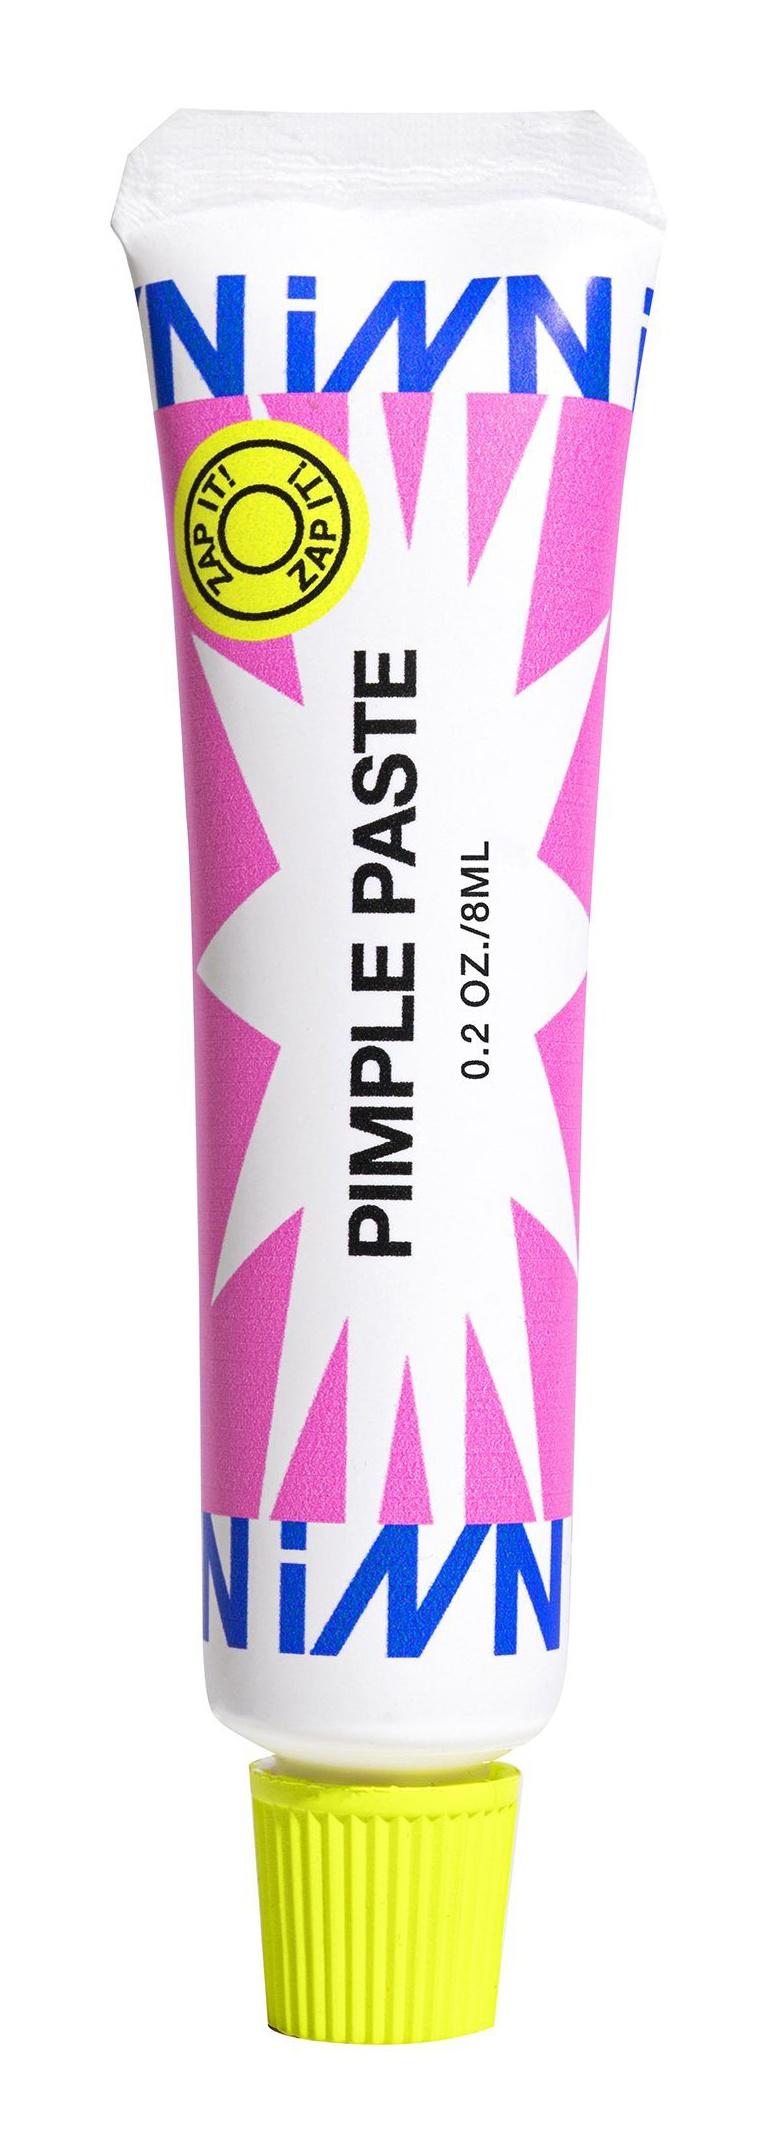 InnBeauty Pimple Paste